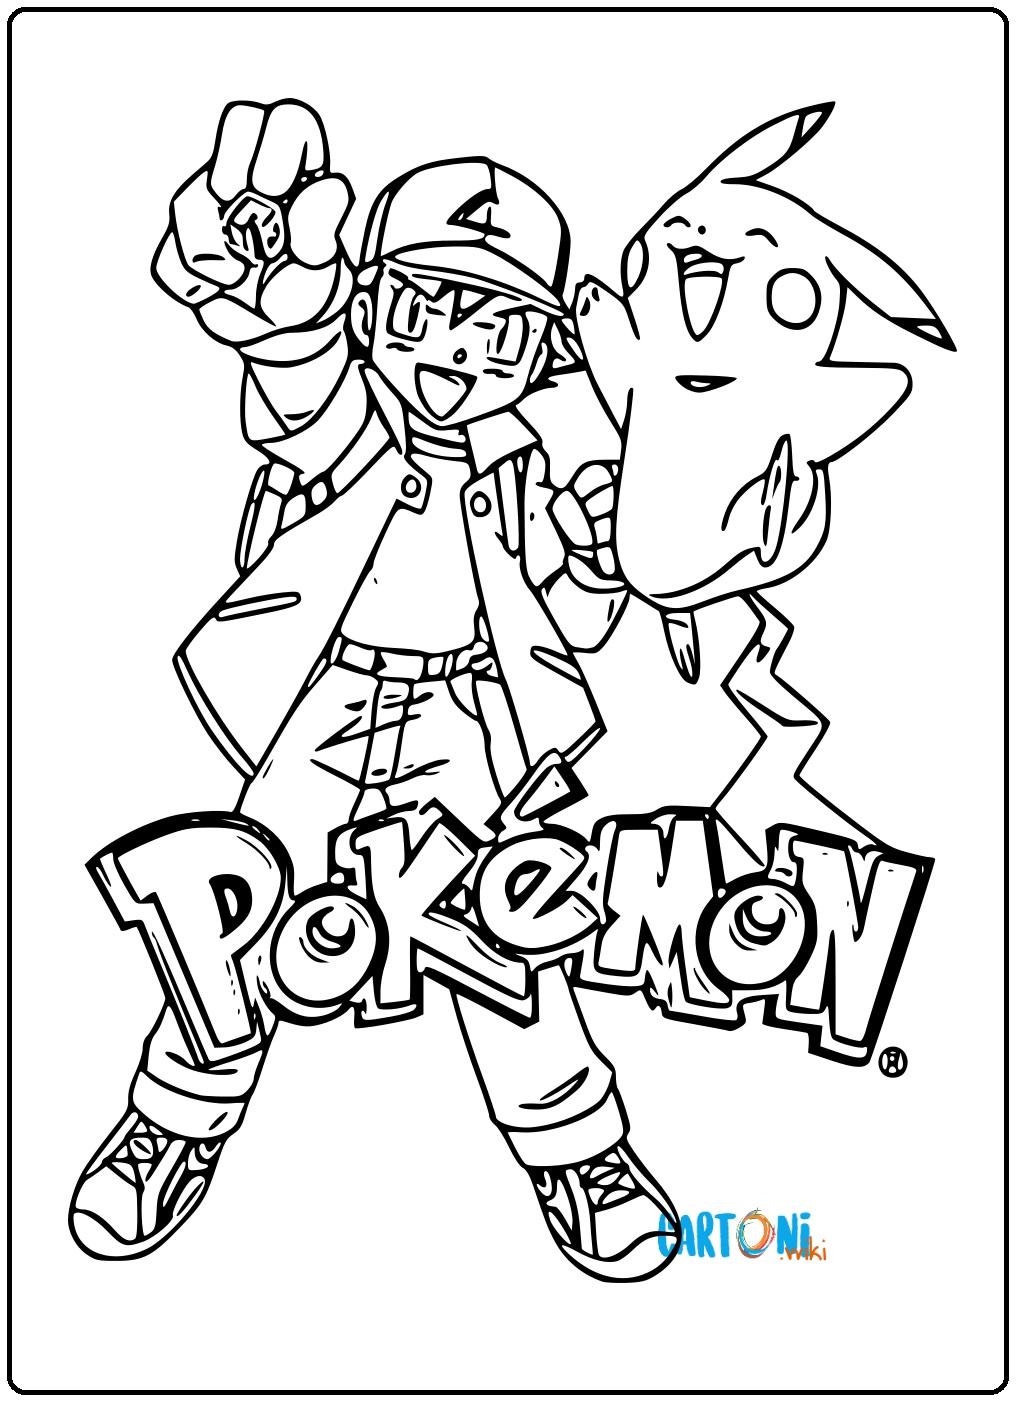 Disegni Da Colorare Di Pokemon.Pokemon Da Colorare E Stampare Cartoni Animati